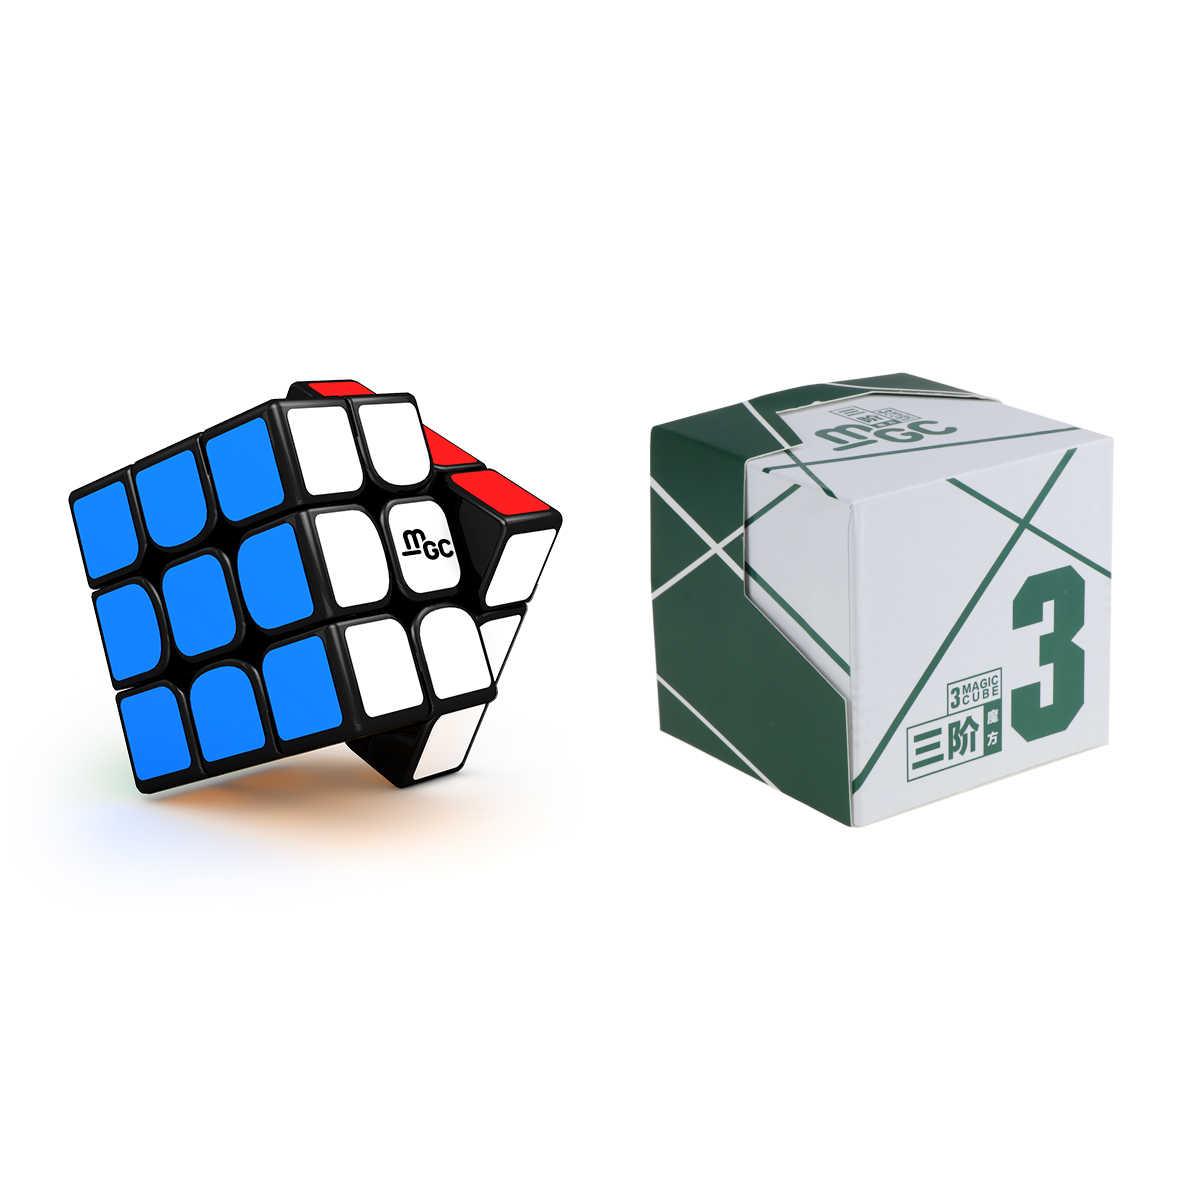 Лидер продаж оригинальный Yj Yongjun MGC M 3x3x3 2x2x2 Магнитный 2x2 MGC3 II V2 3x3 скоростной магический куб профессиональные скрученные развивающие игрушки